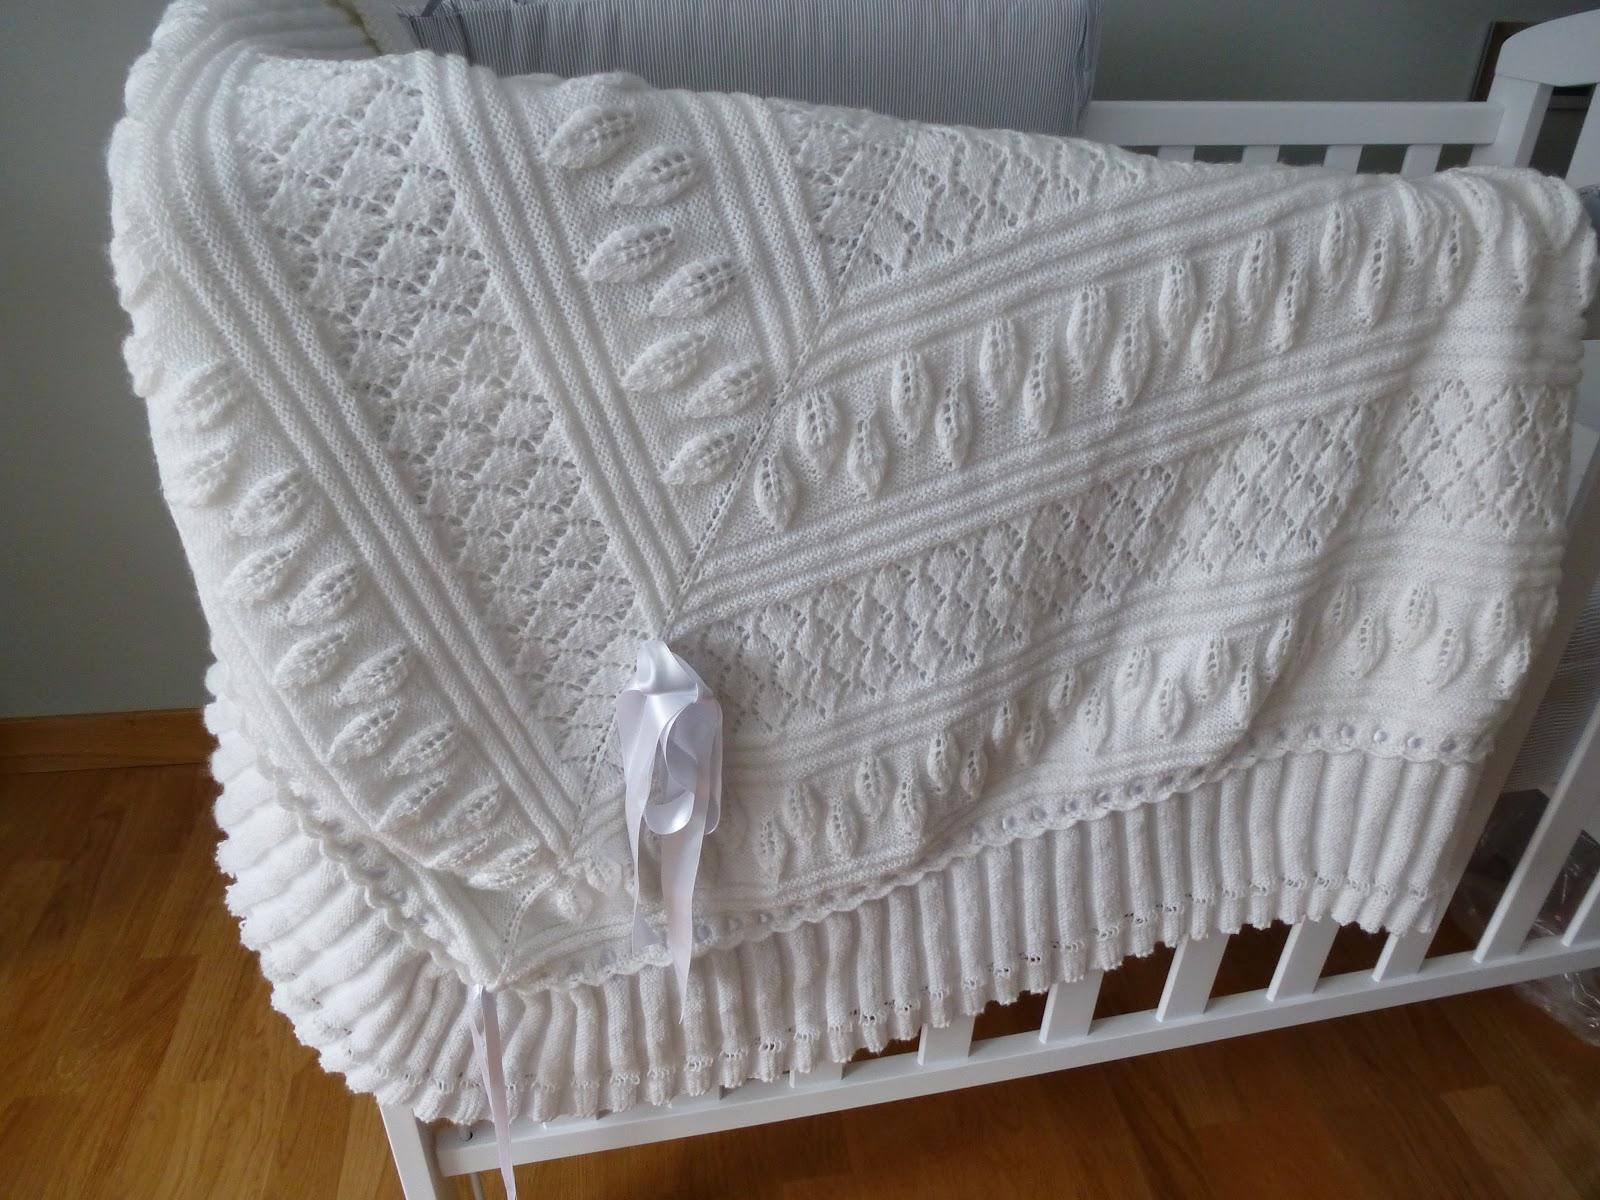 ... un chal o arrullo de punto a dos agujas elaborado en lana agujas